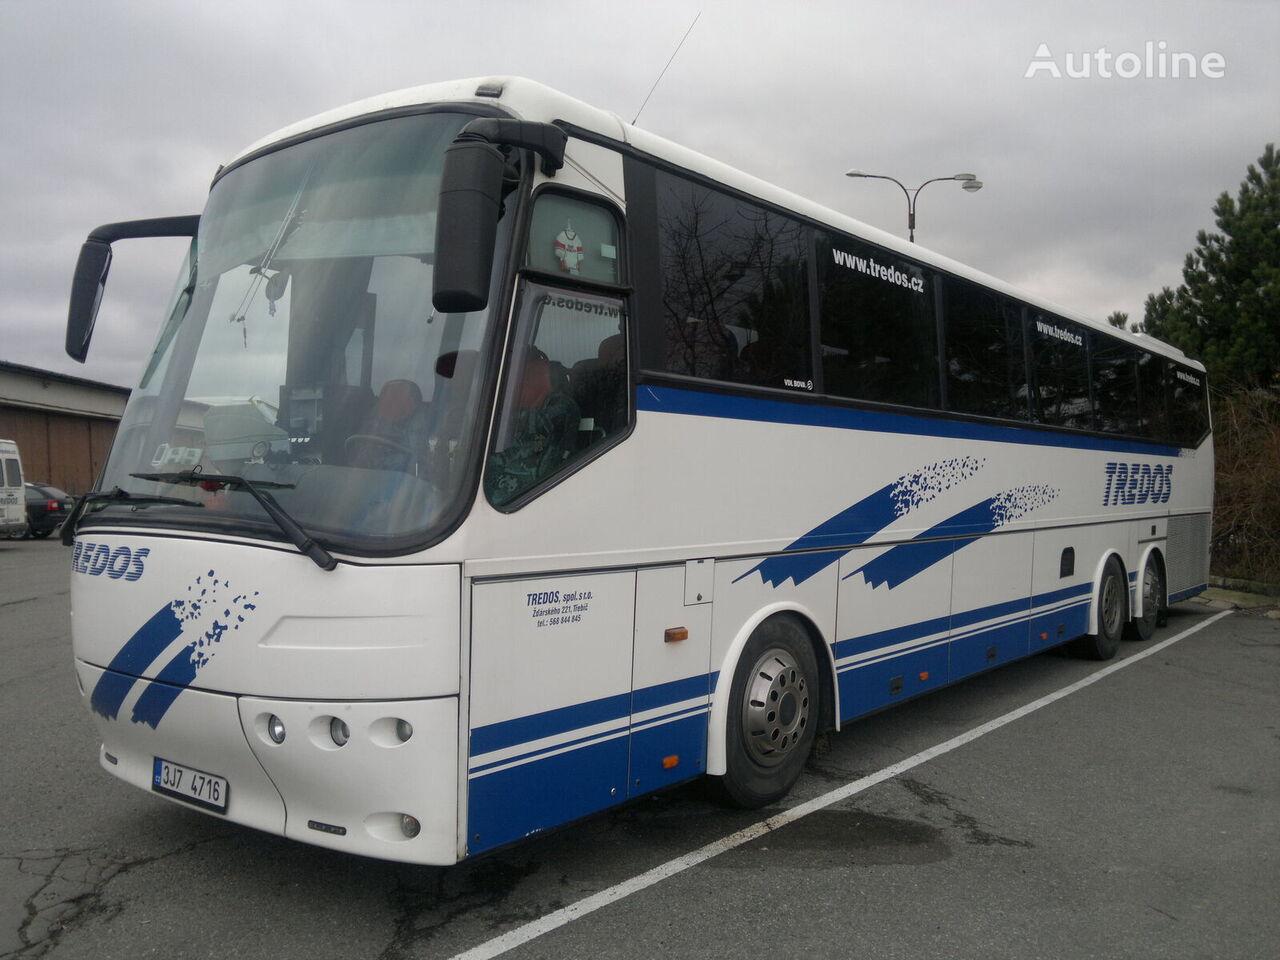 BOVA FUTURA 14-430FHD coach bus